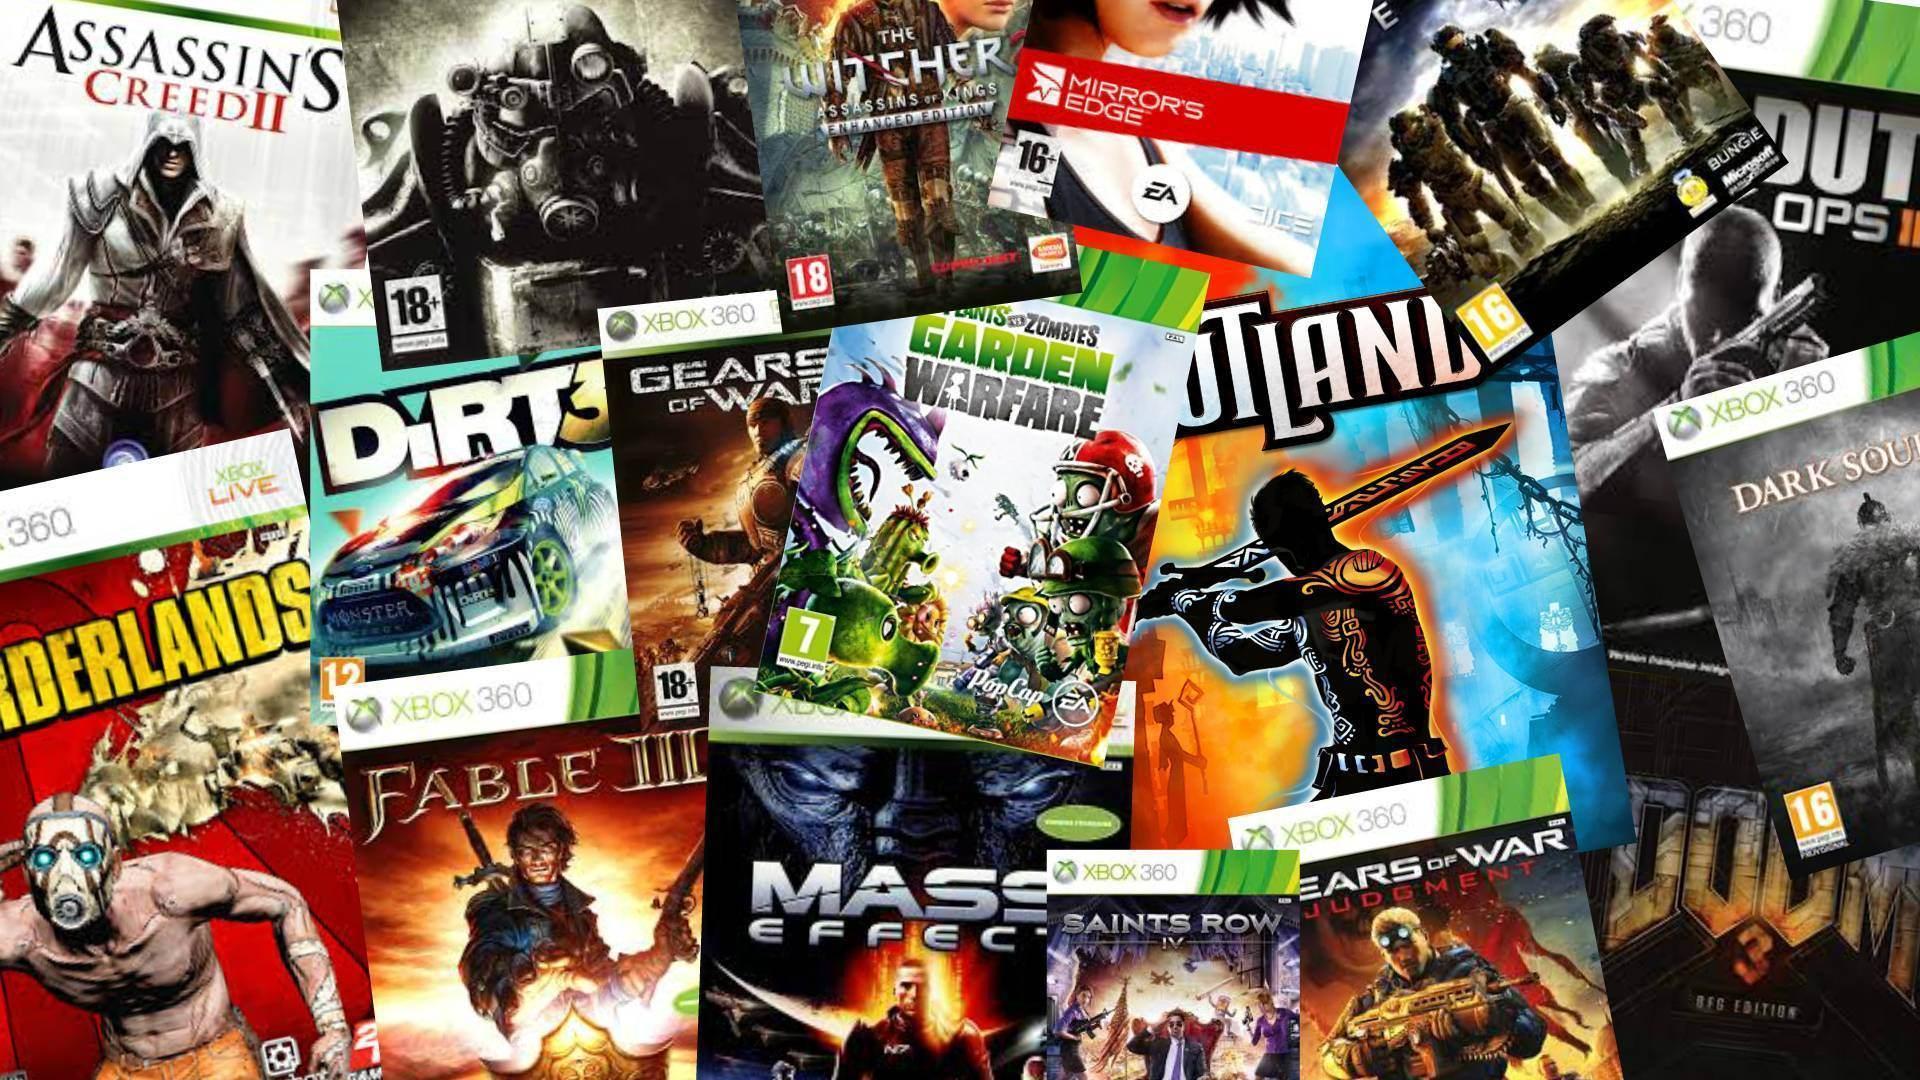 Mass Effect rétrocompatible ! La liste des jeux rétrocompatibles Xbox 360